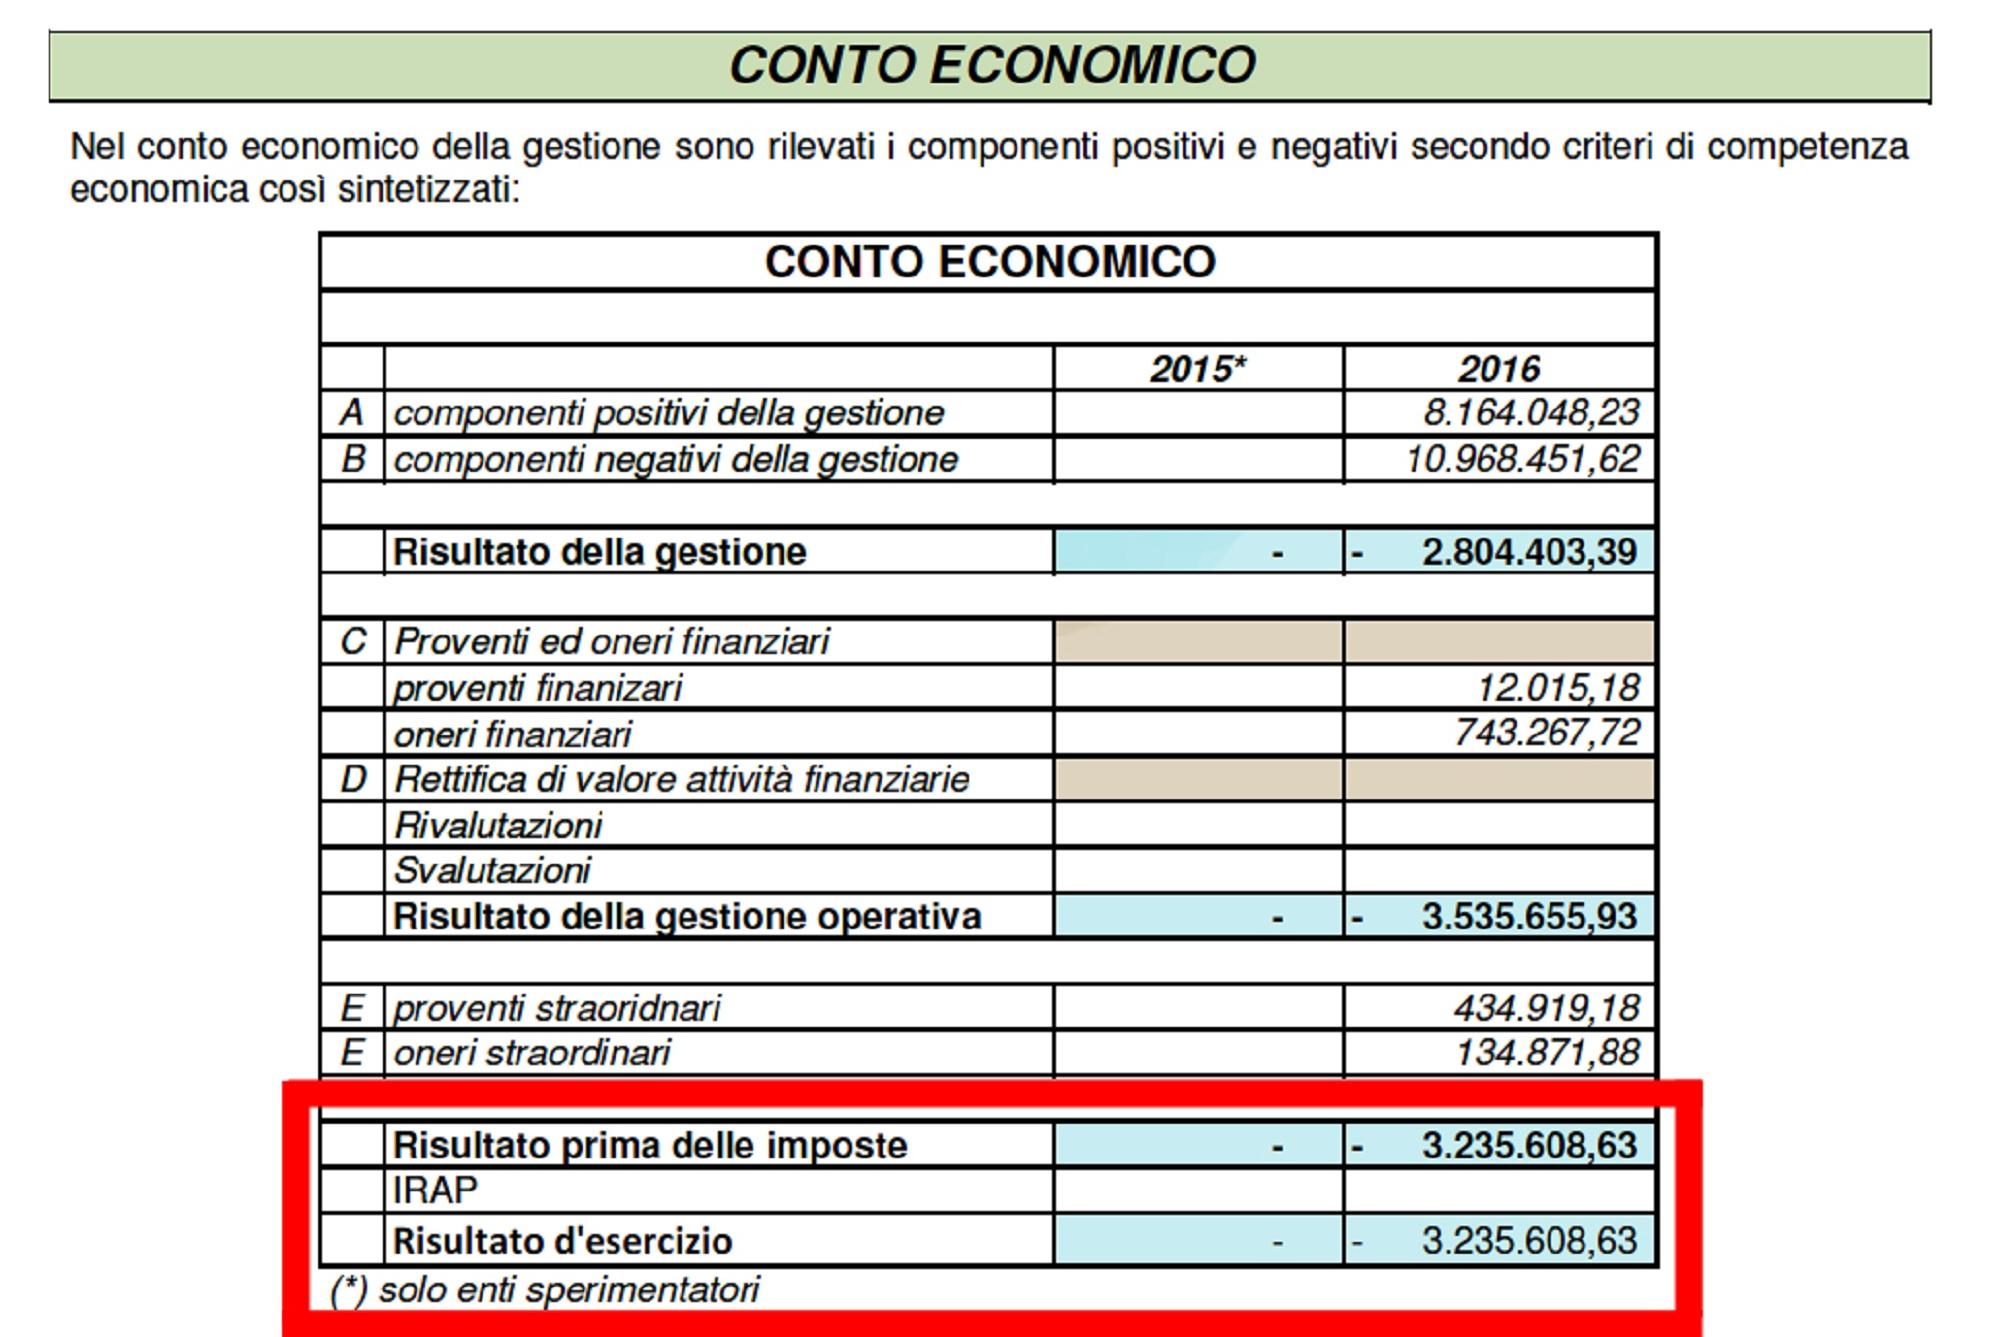 TABELLA 1 - Conto economico